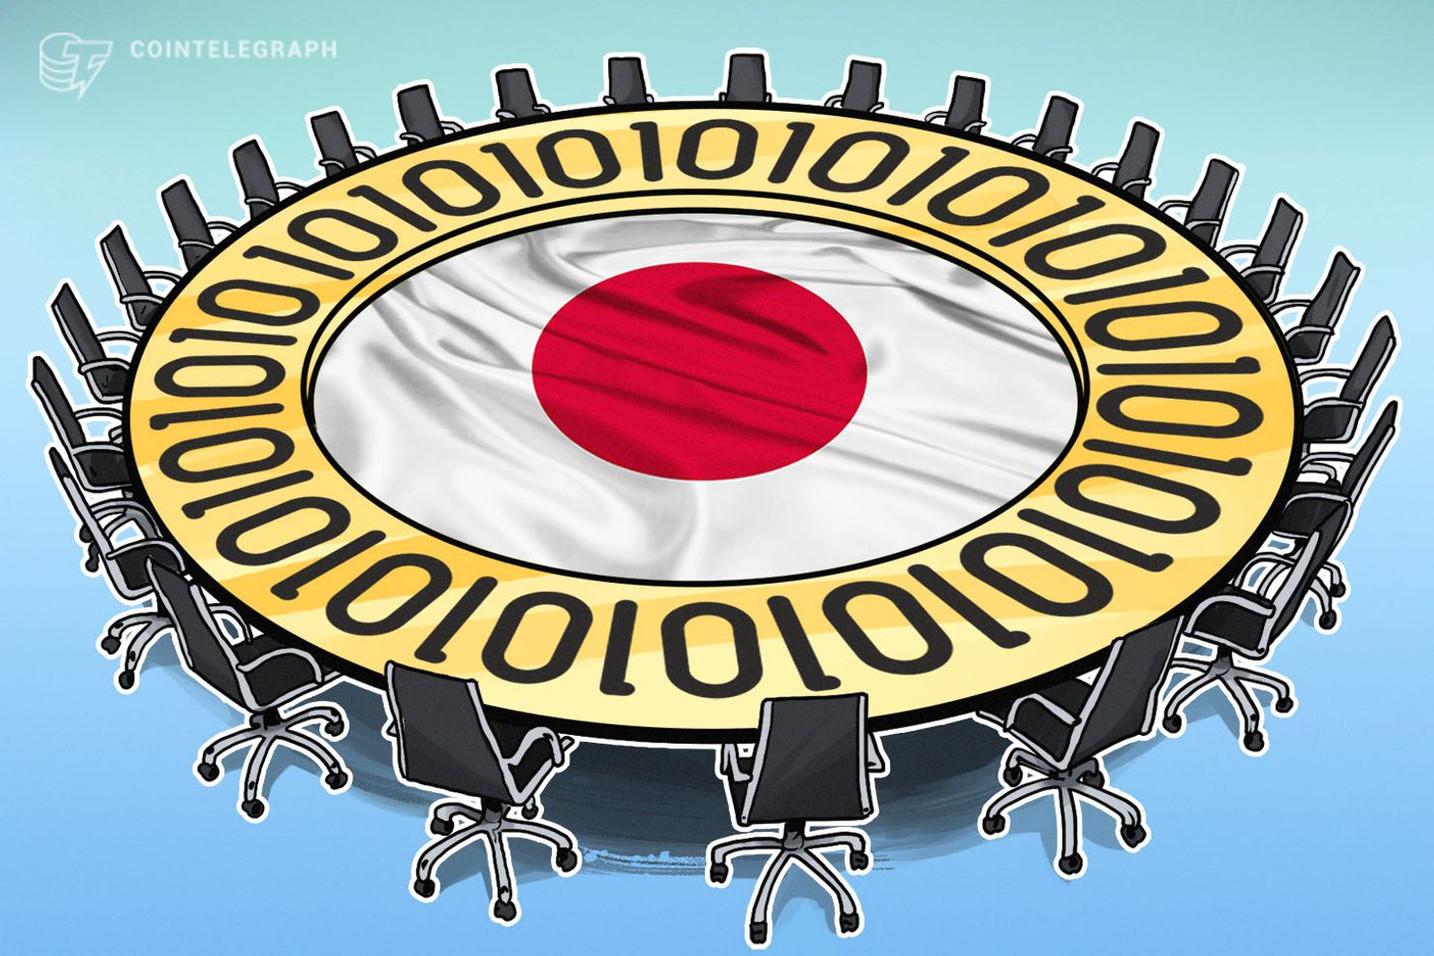 仮想通貨交換業協会「社内のネットワーク制限も検討」 ザイフ不正アクセス受け=金融庁研究会